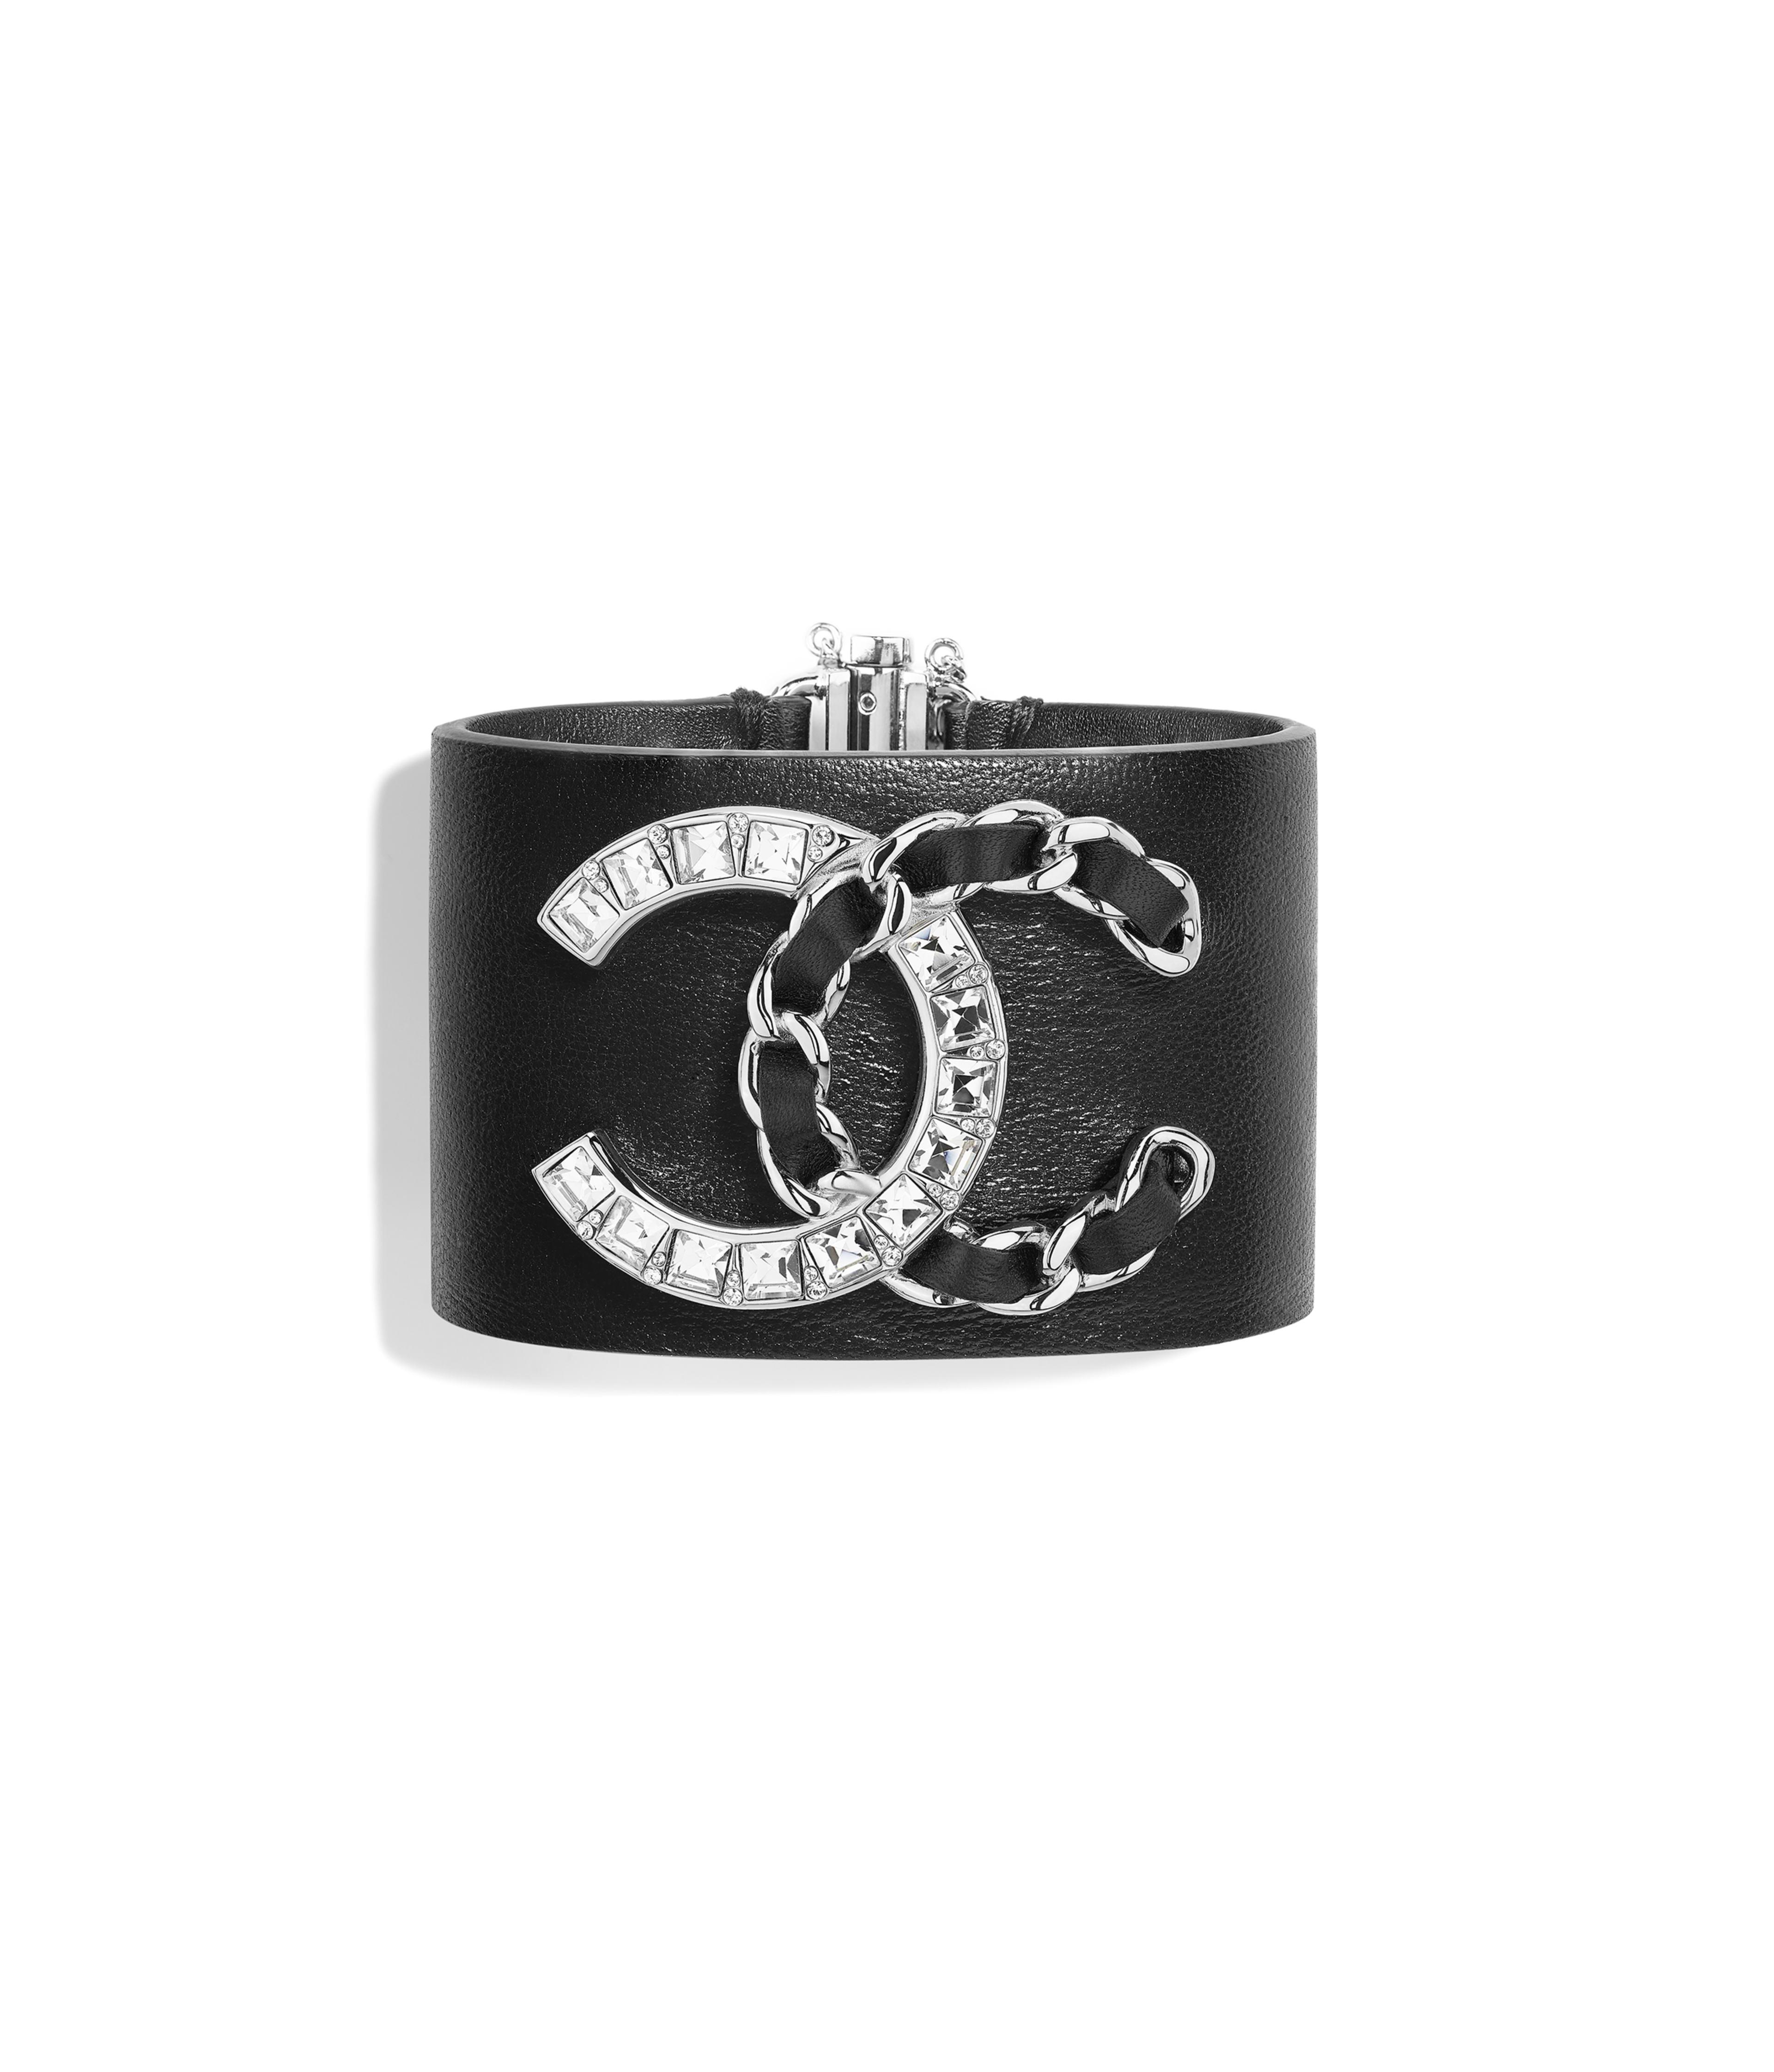 Cuff Lambskin Calfskin Str Metal Silver Black Crystal Ref Ab0005y47393z8825